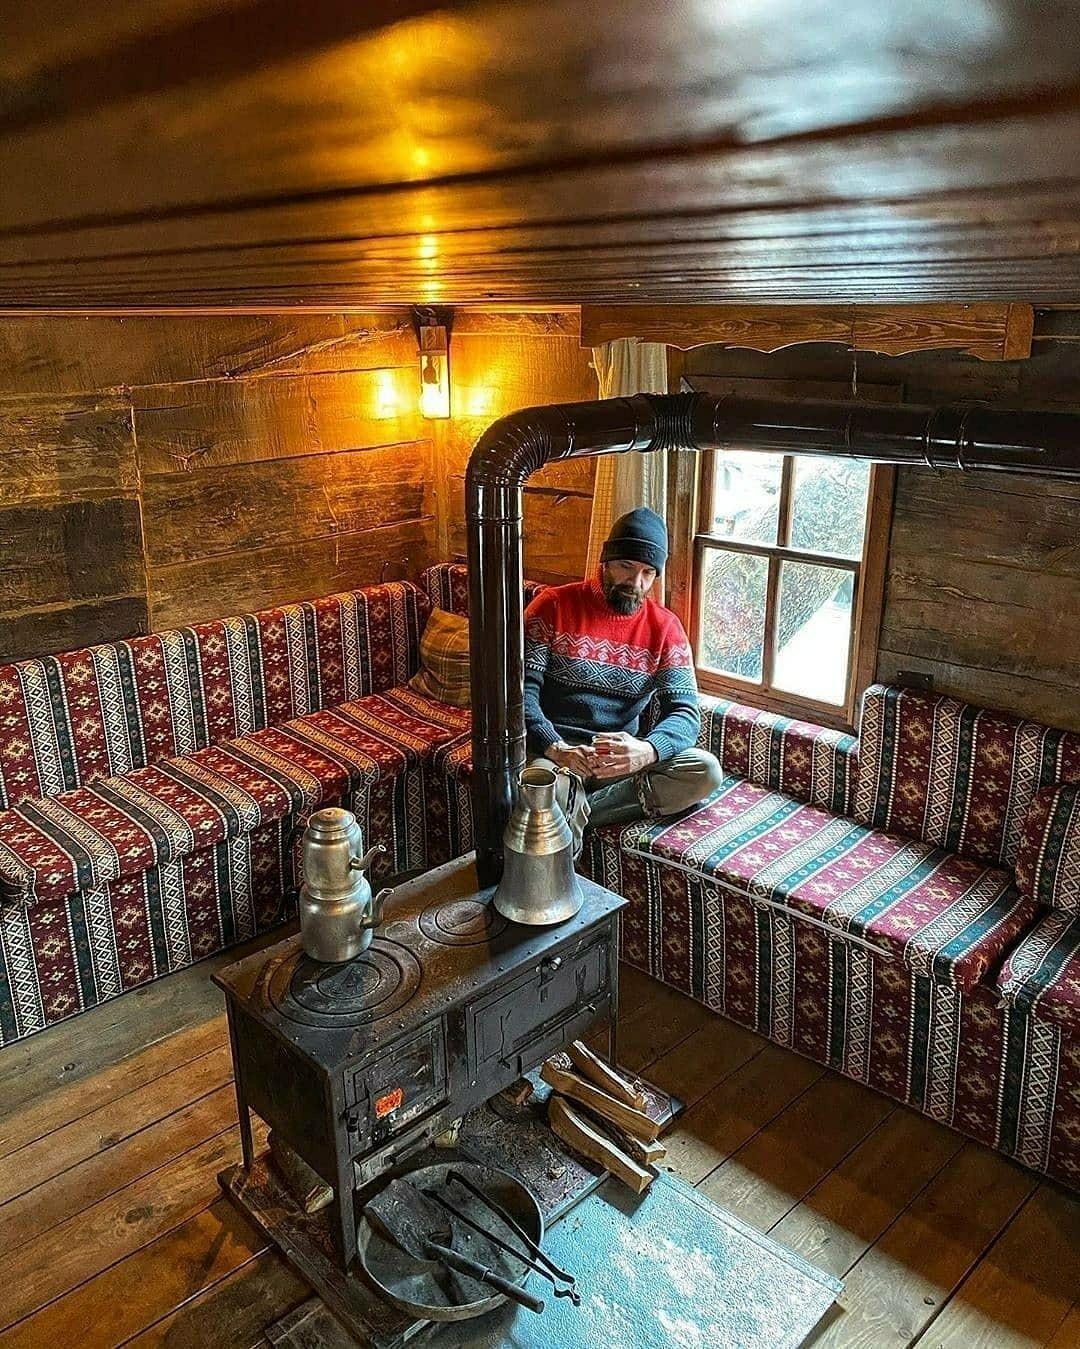 man sitting near cabin stove